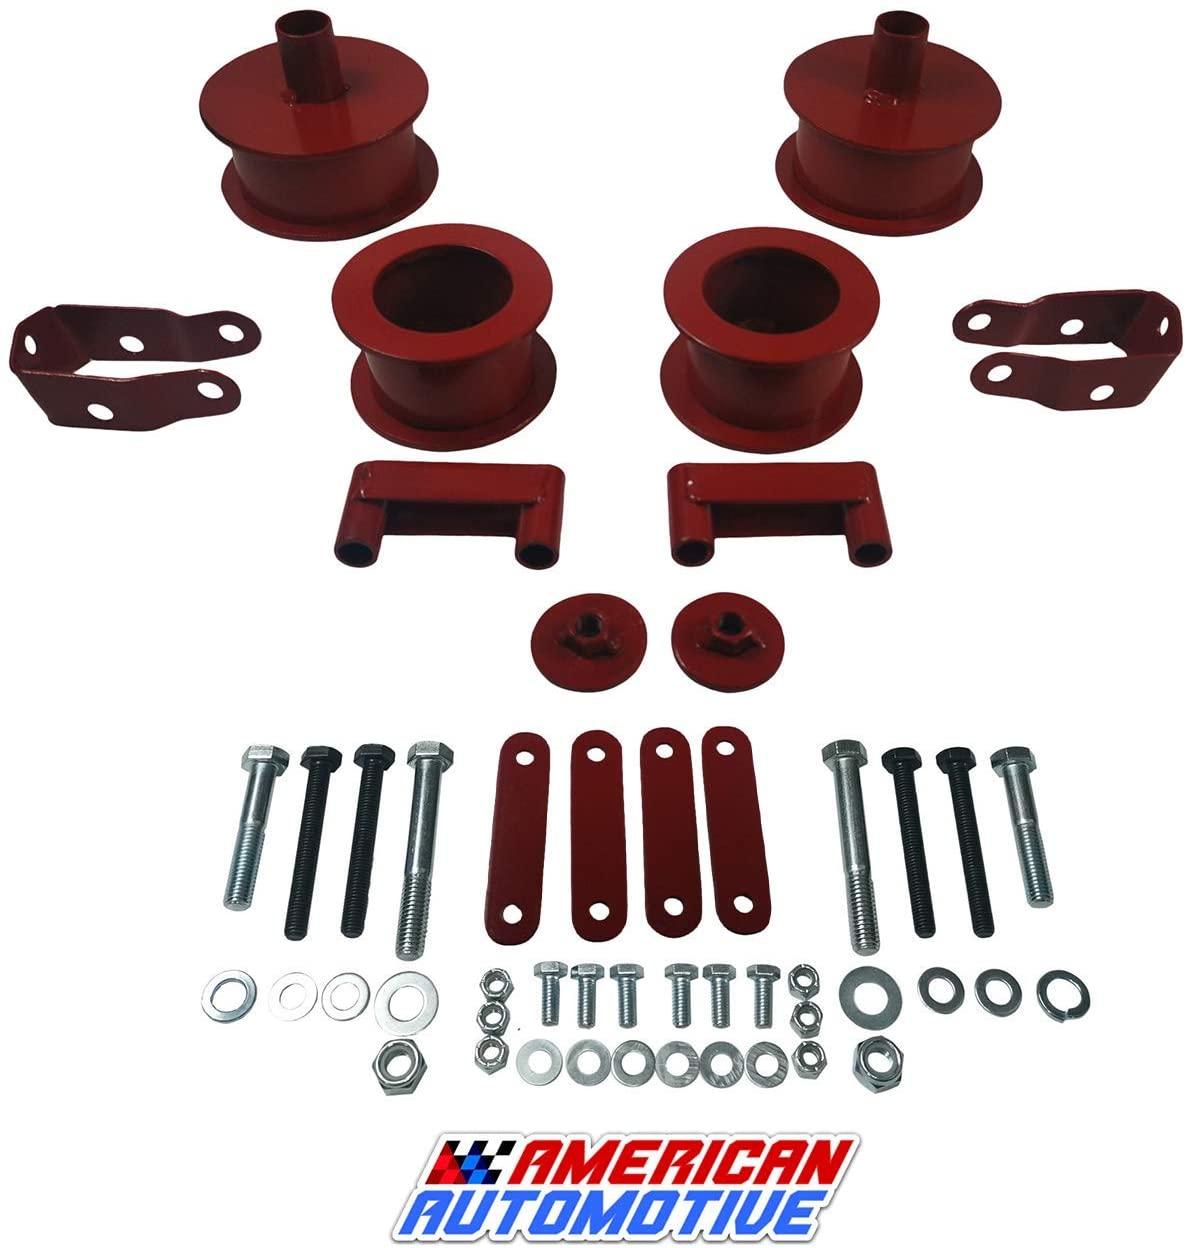 American Automotive Wrangler JK Full Lift Kit Red 3